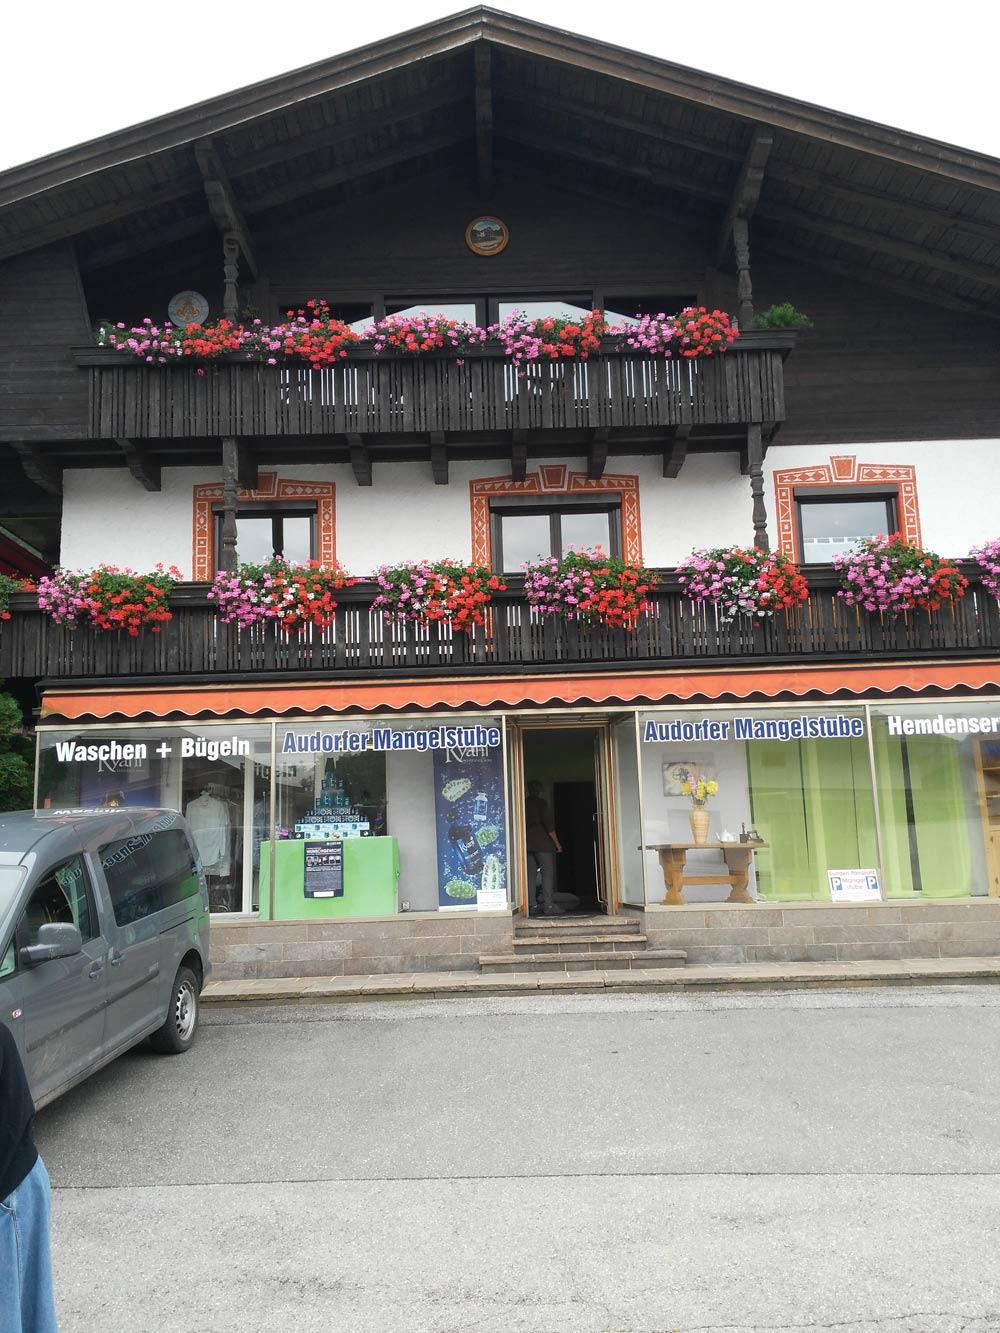 In Oberaudorf gibt's alles. Vom Ochsen bis zur Mangelstube. Da wird deine Vorhaut in die Mangel genommen. SM-Style Oberbayern